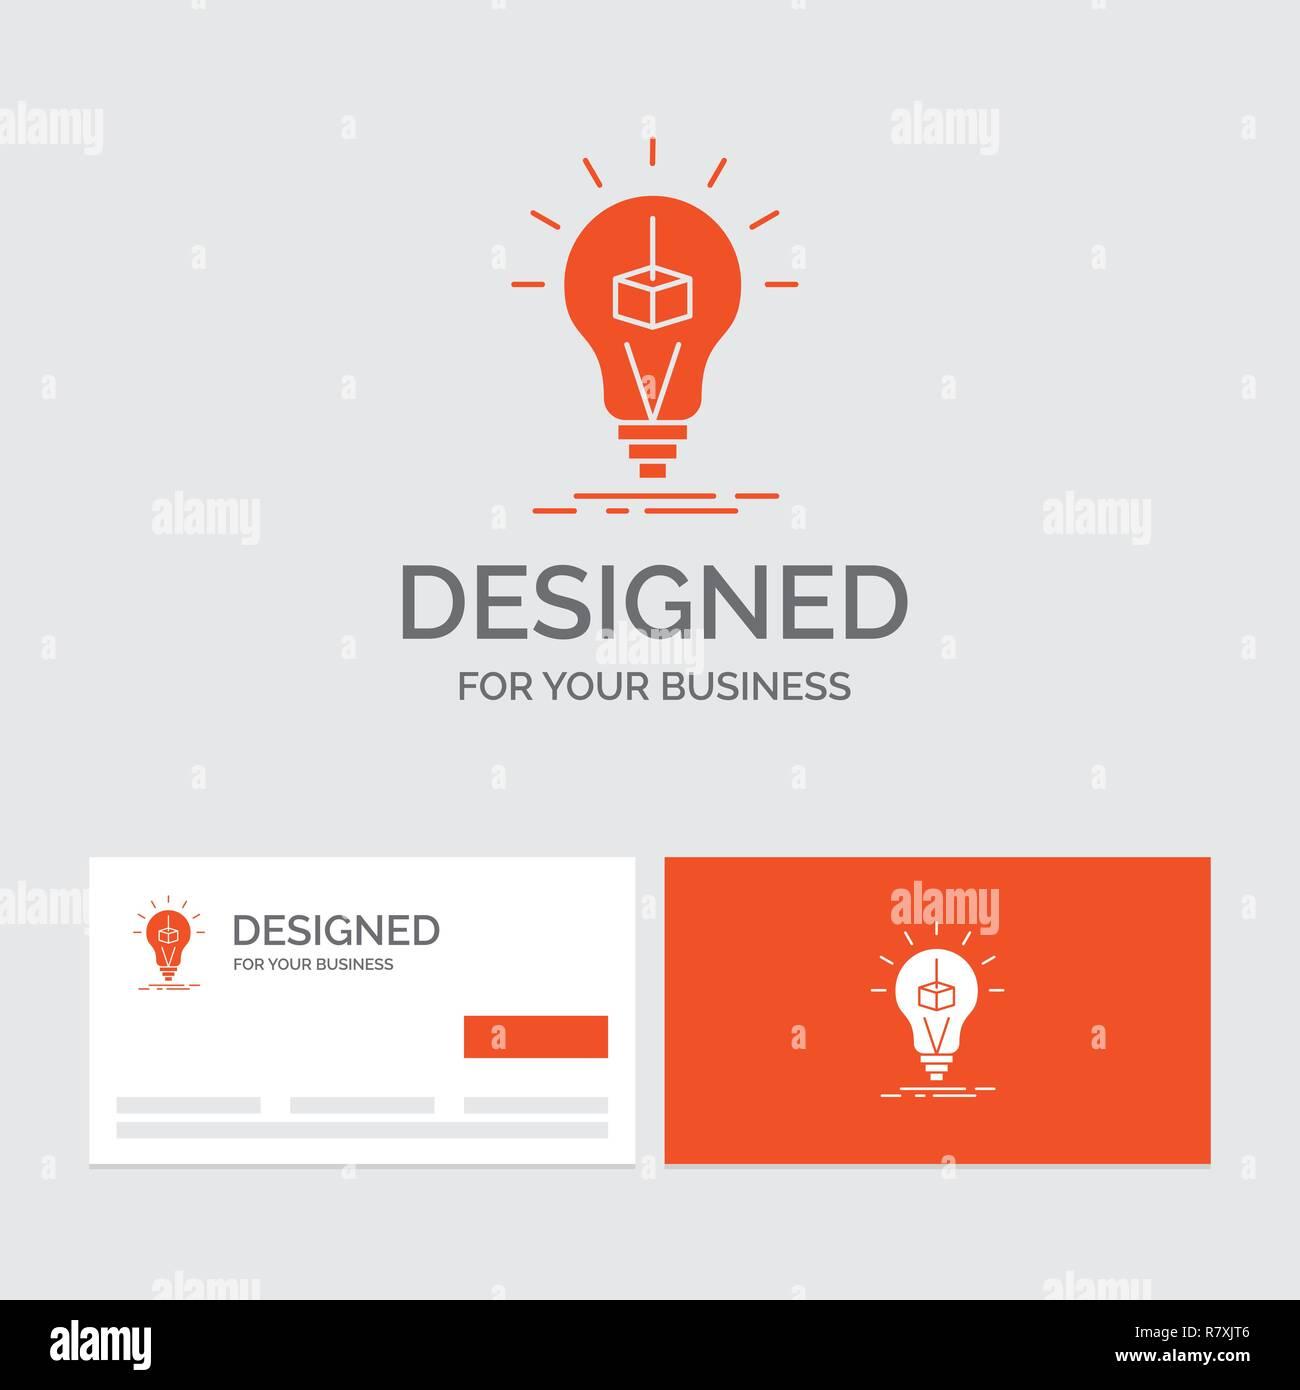 Logo Daffaires Modele De Cube 3d Idee Lampe Limpression Fort Cartes Visite Orange Avec Marque